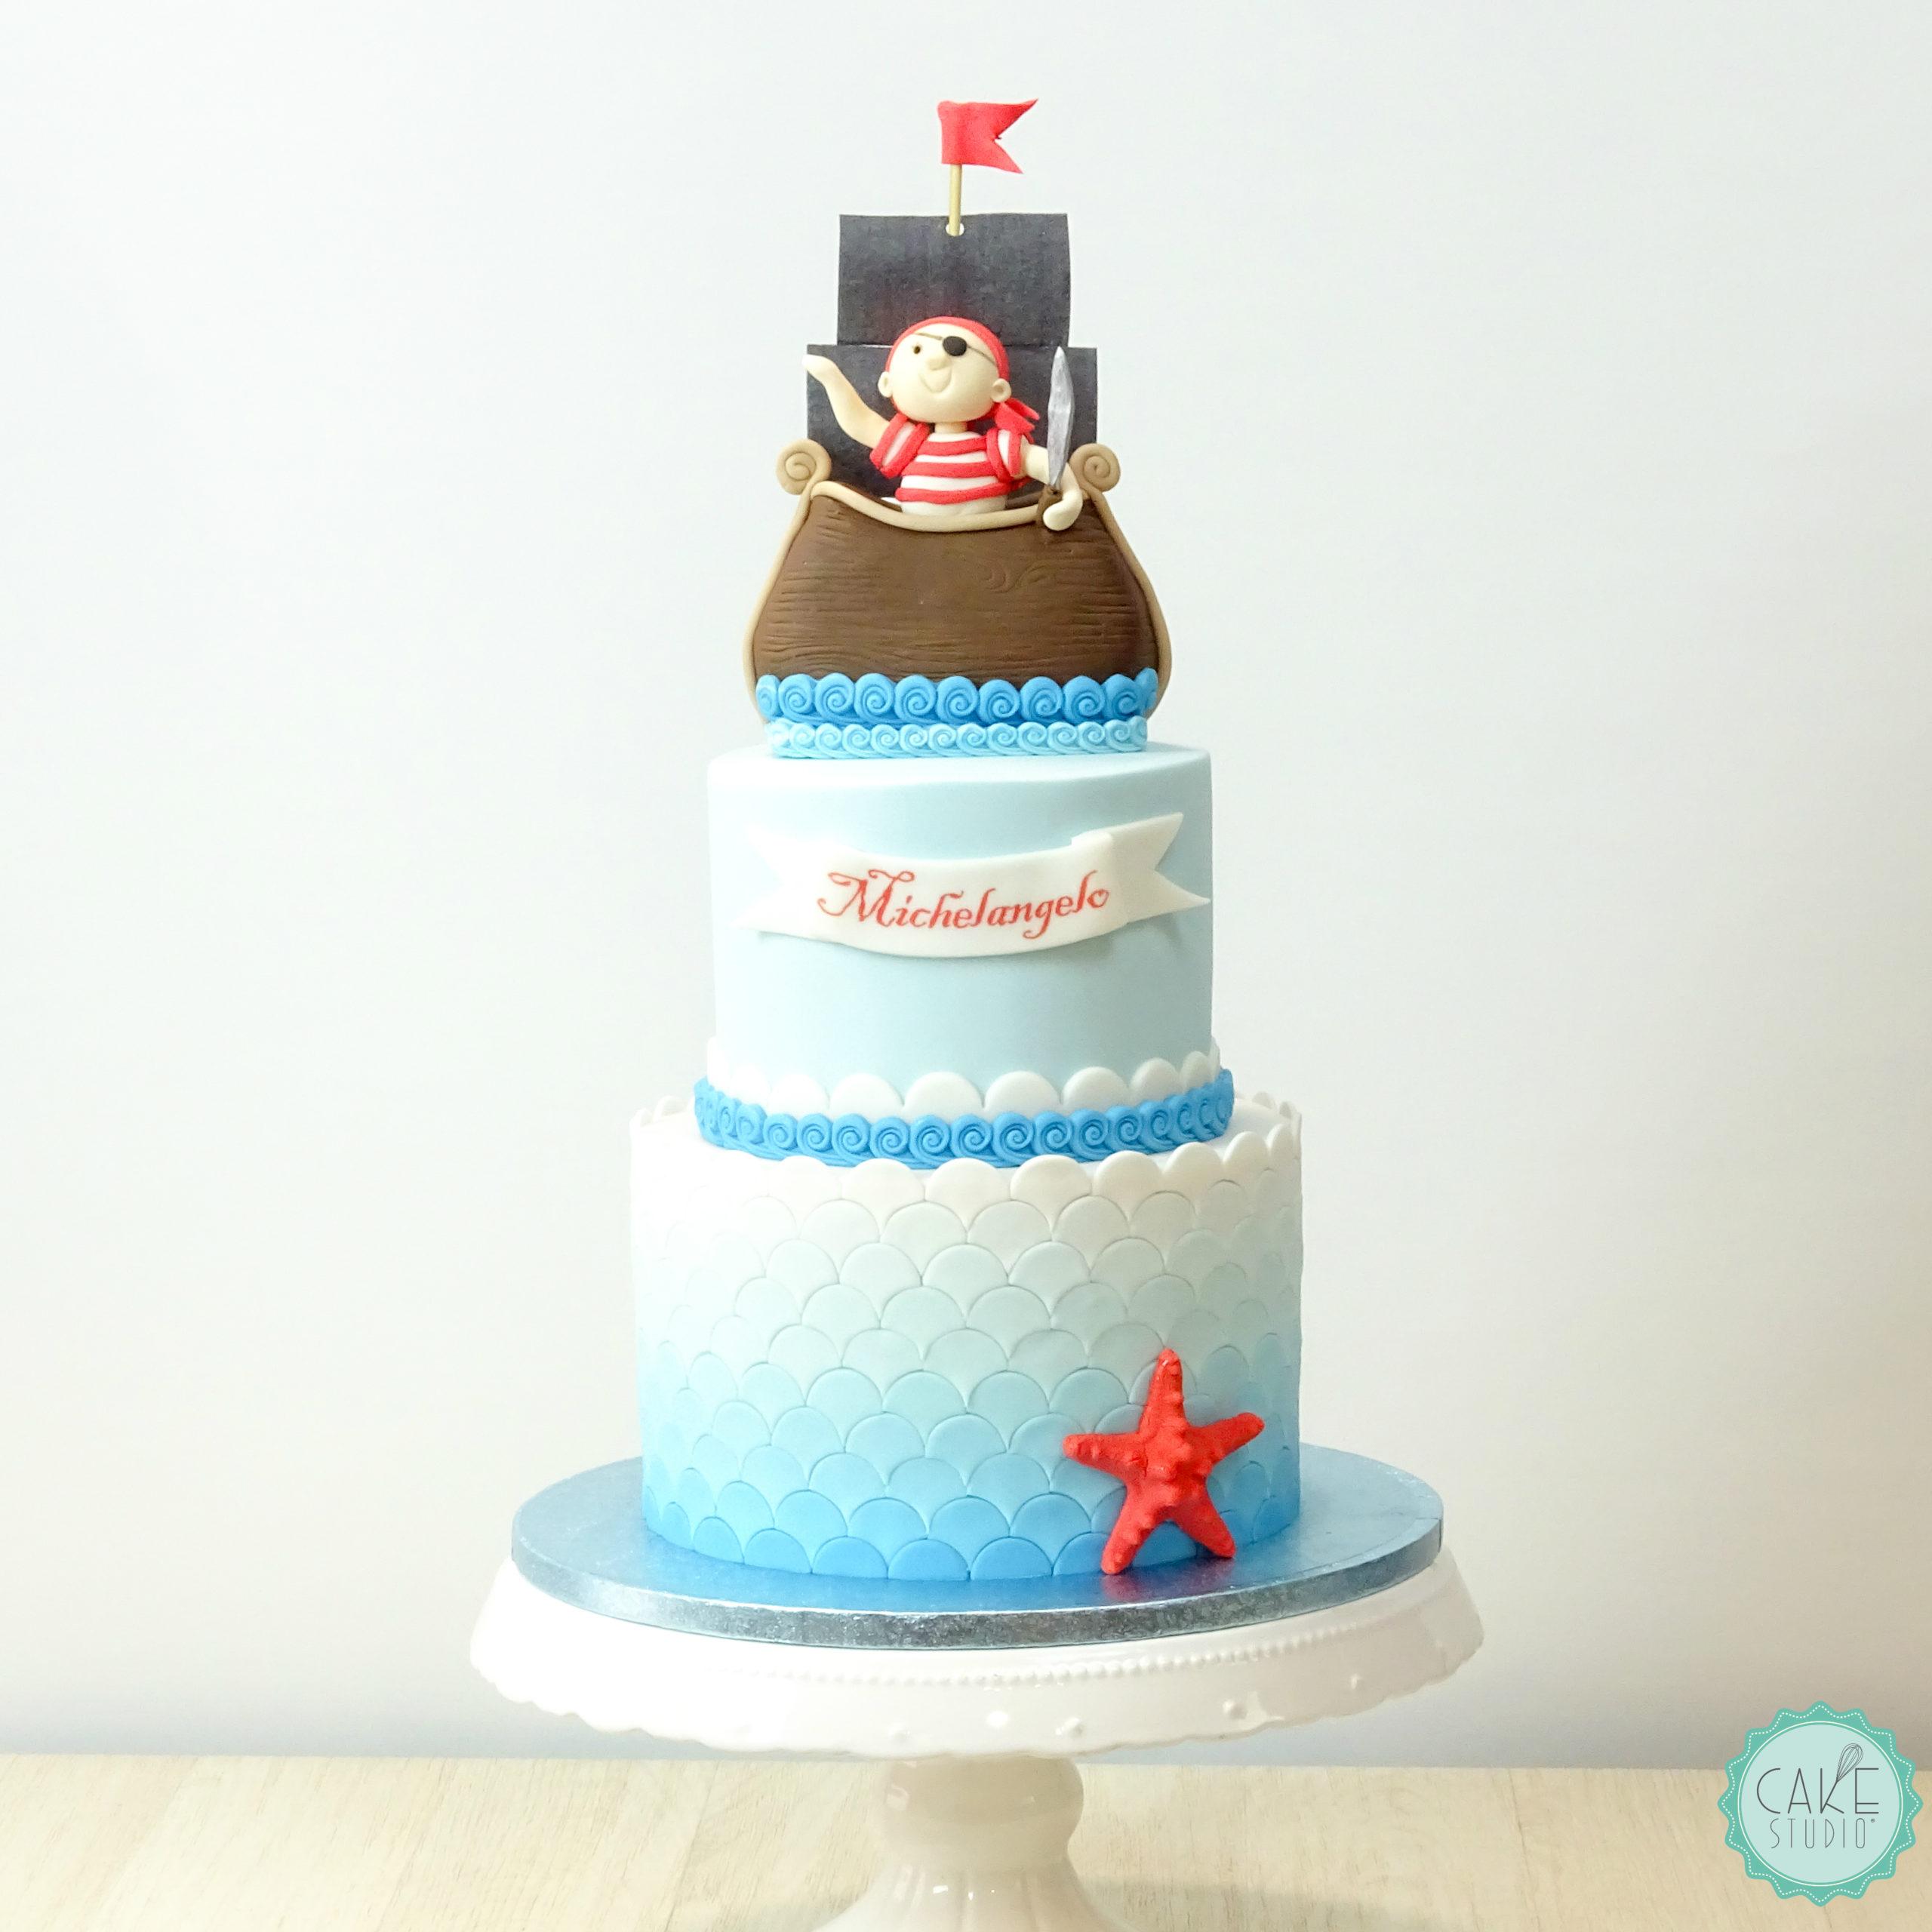 torta con pirata nave onde e stella marina rossa